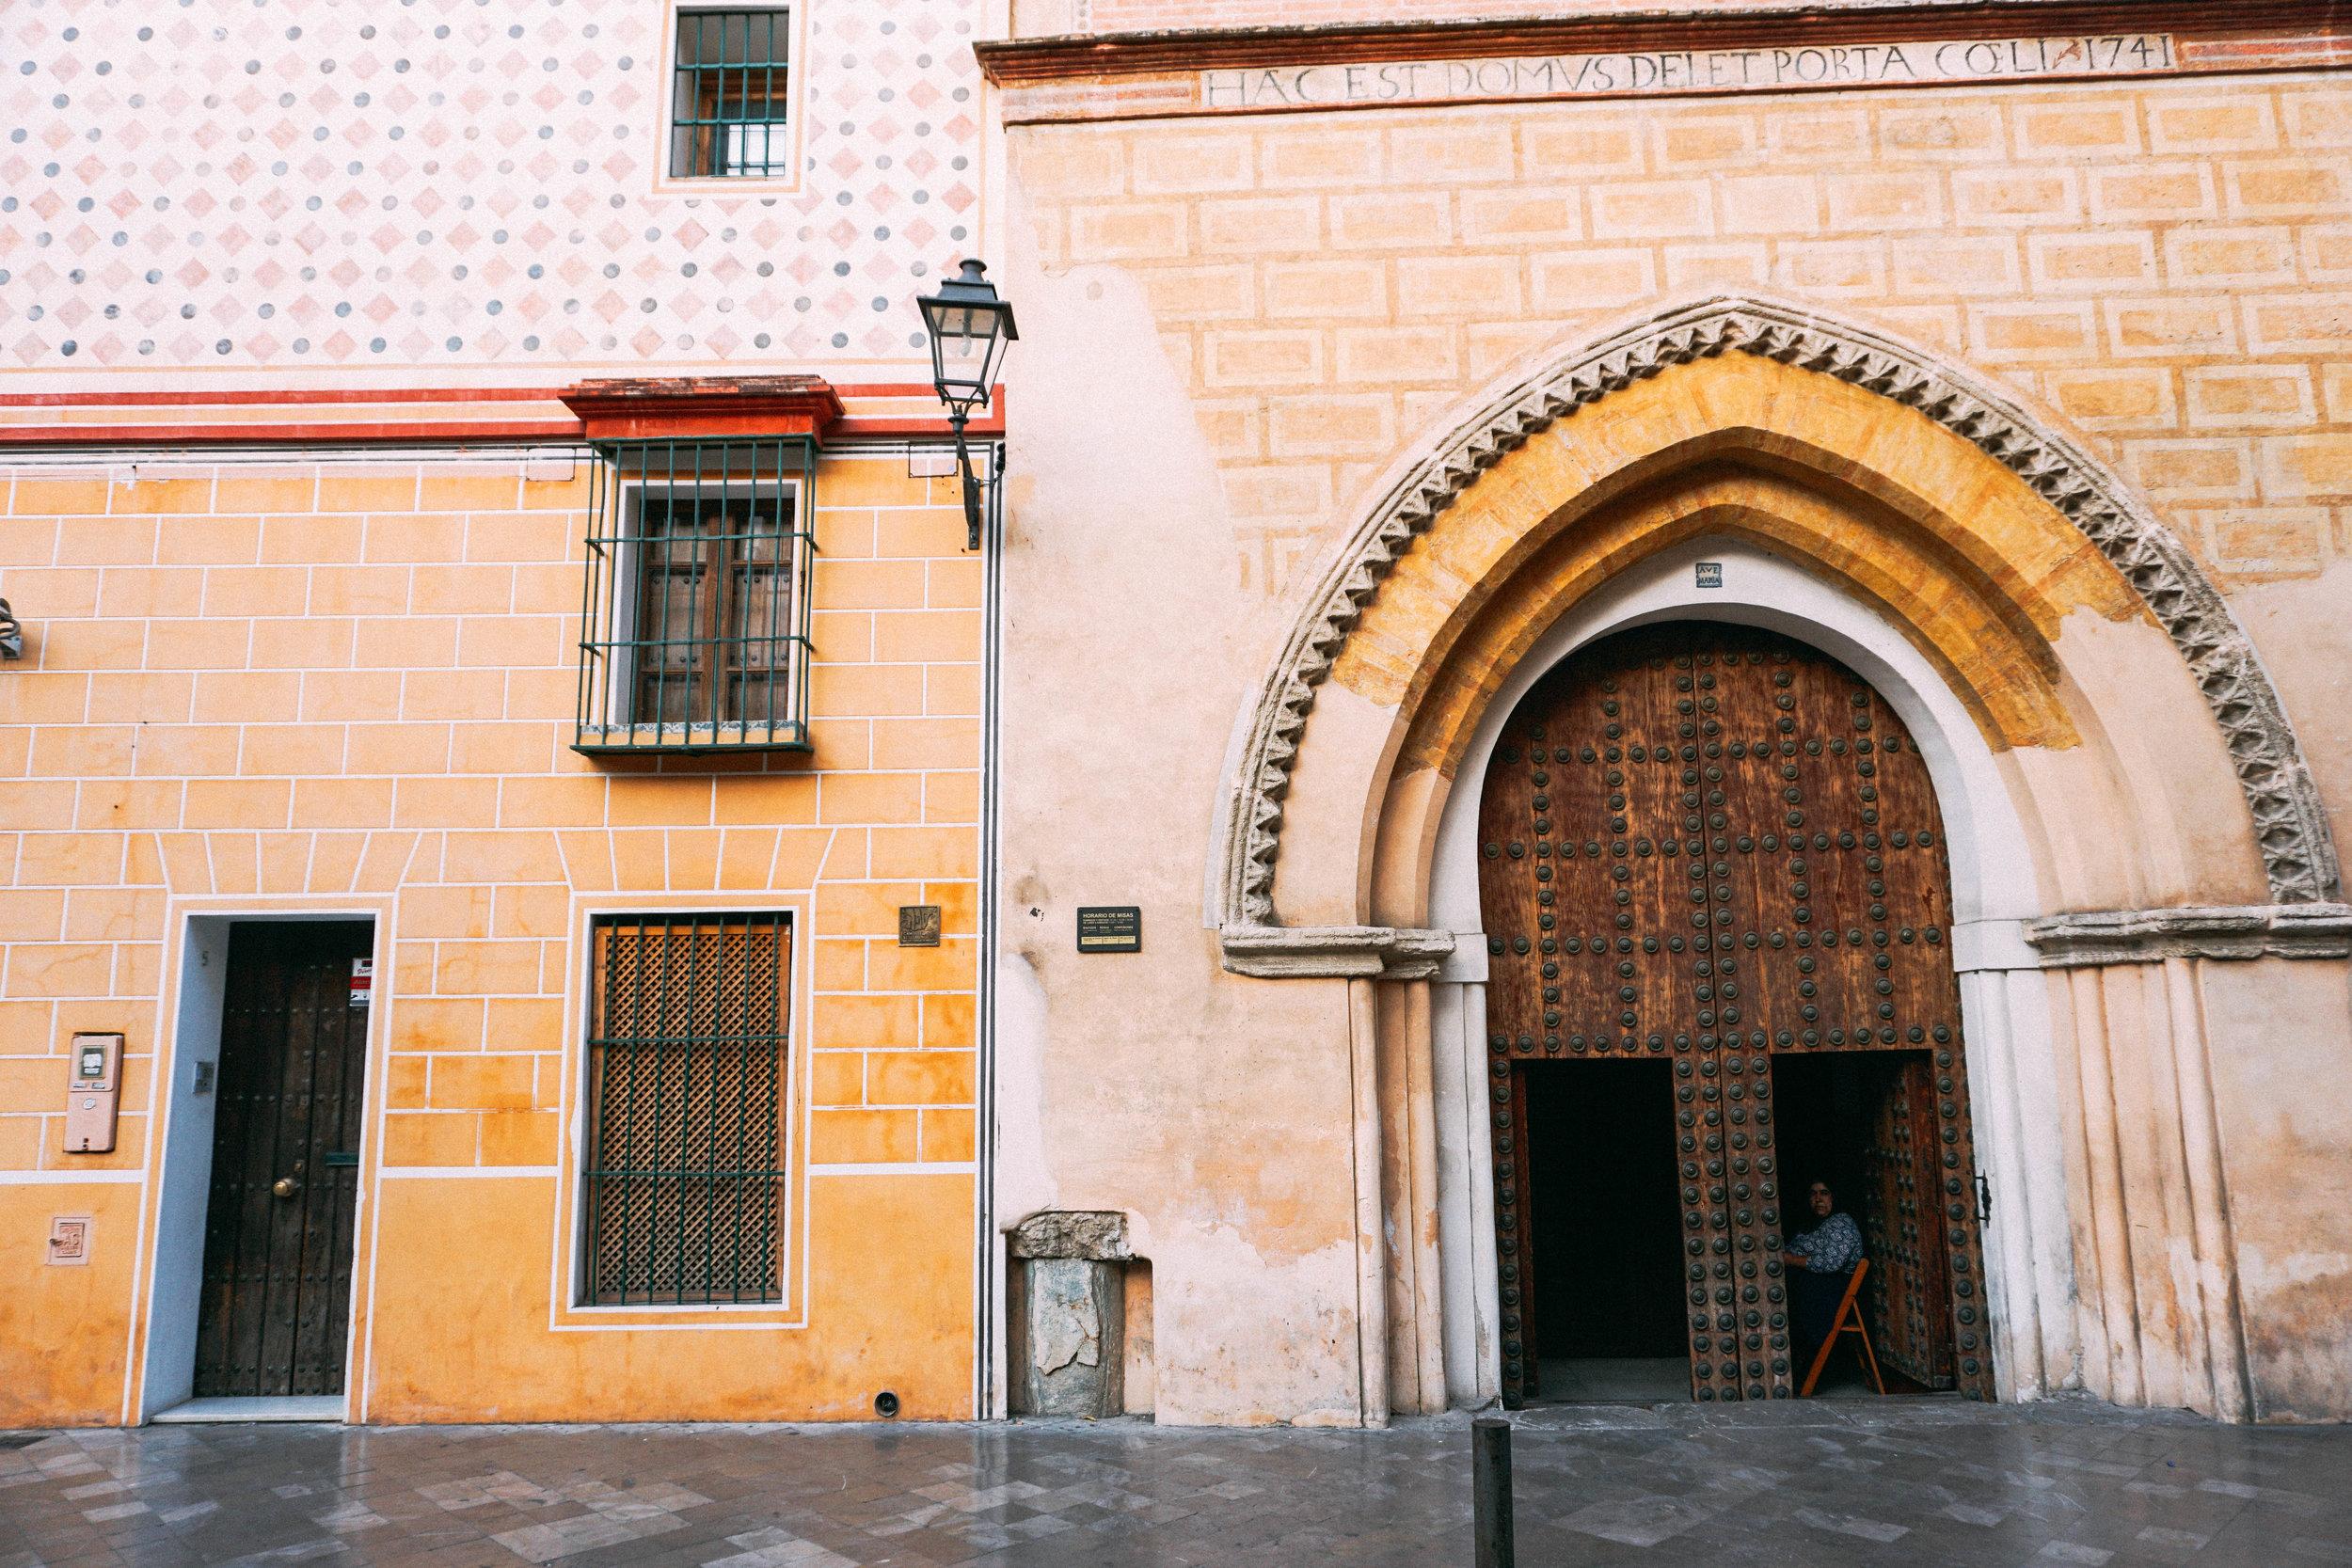 Barrio Santa Cruz, Seville, Spain. Travel Guide to Seville.